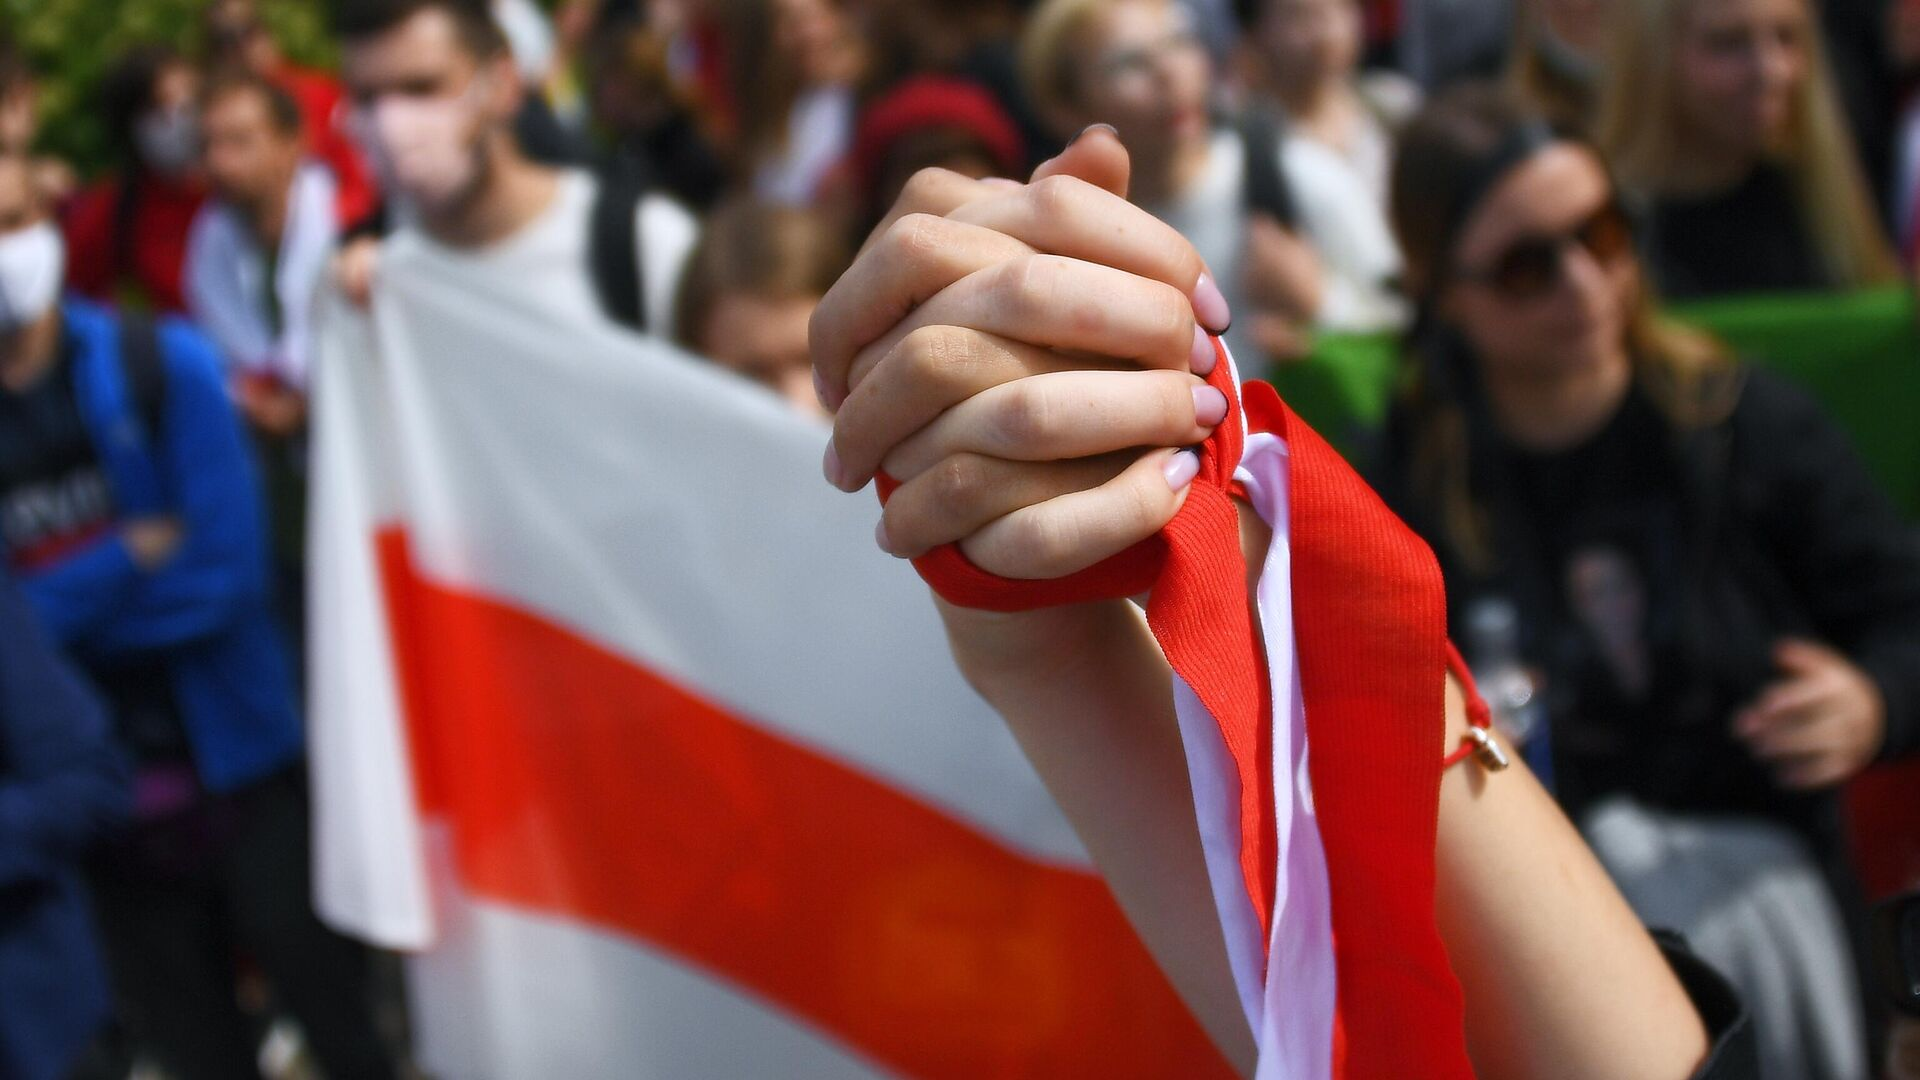 Участники студенческой акции протеста в Минске - РИА Новости, 1920, 04.09.2020